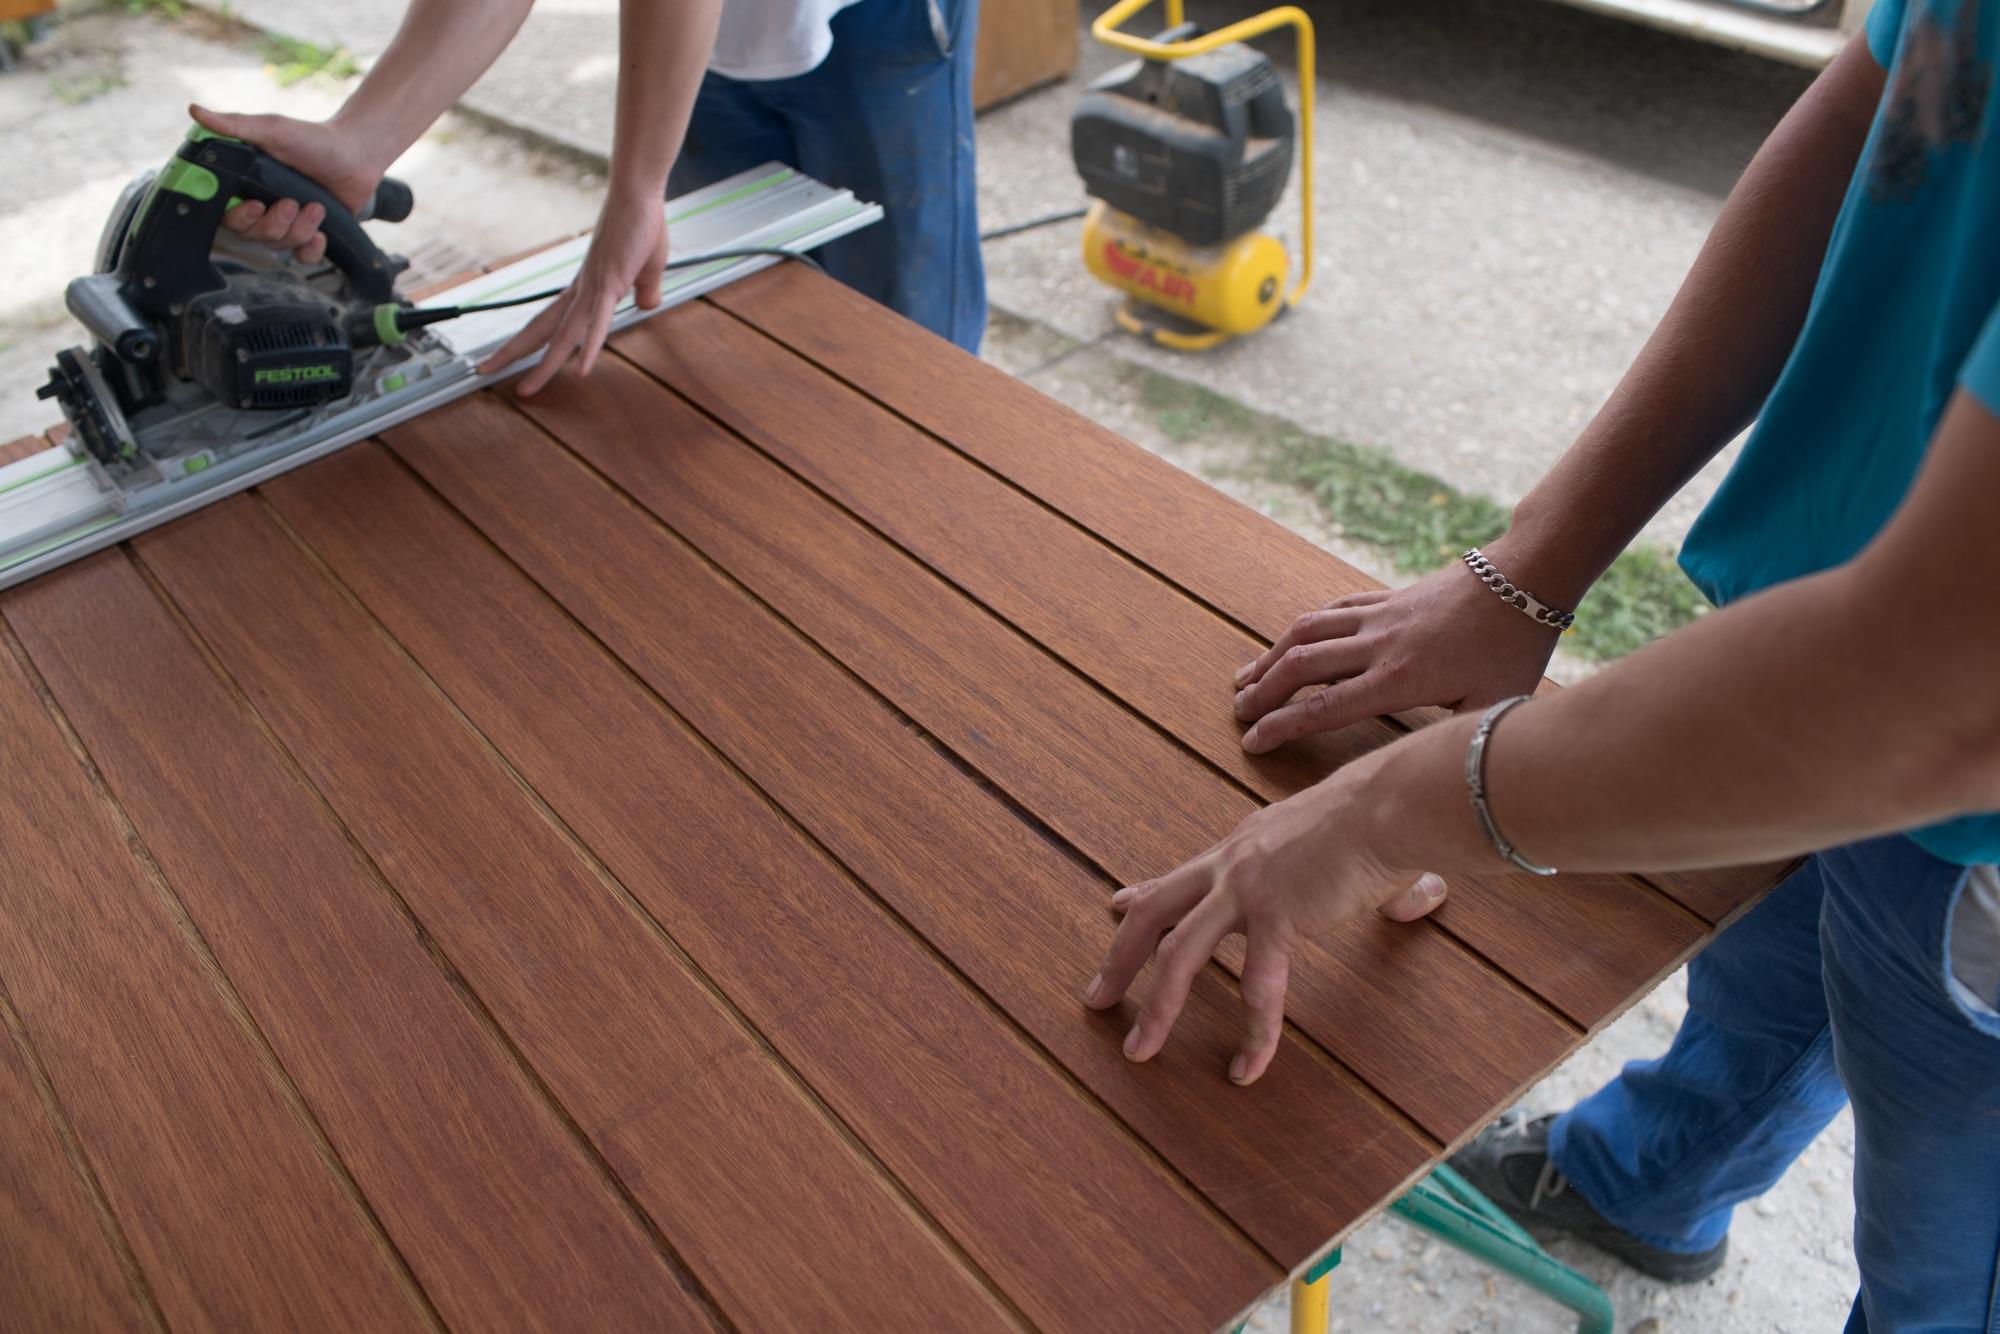 Les mains d'Edouard stabilisent une planche alors qu'un collaborateur la coupe à l'aide d'une scie électrique